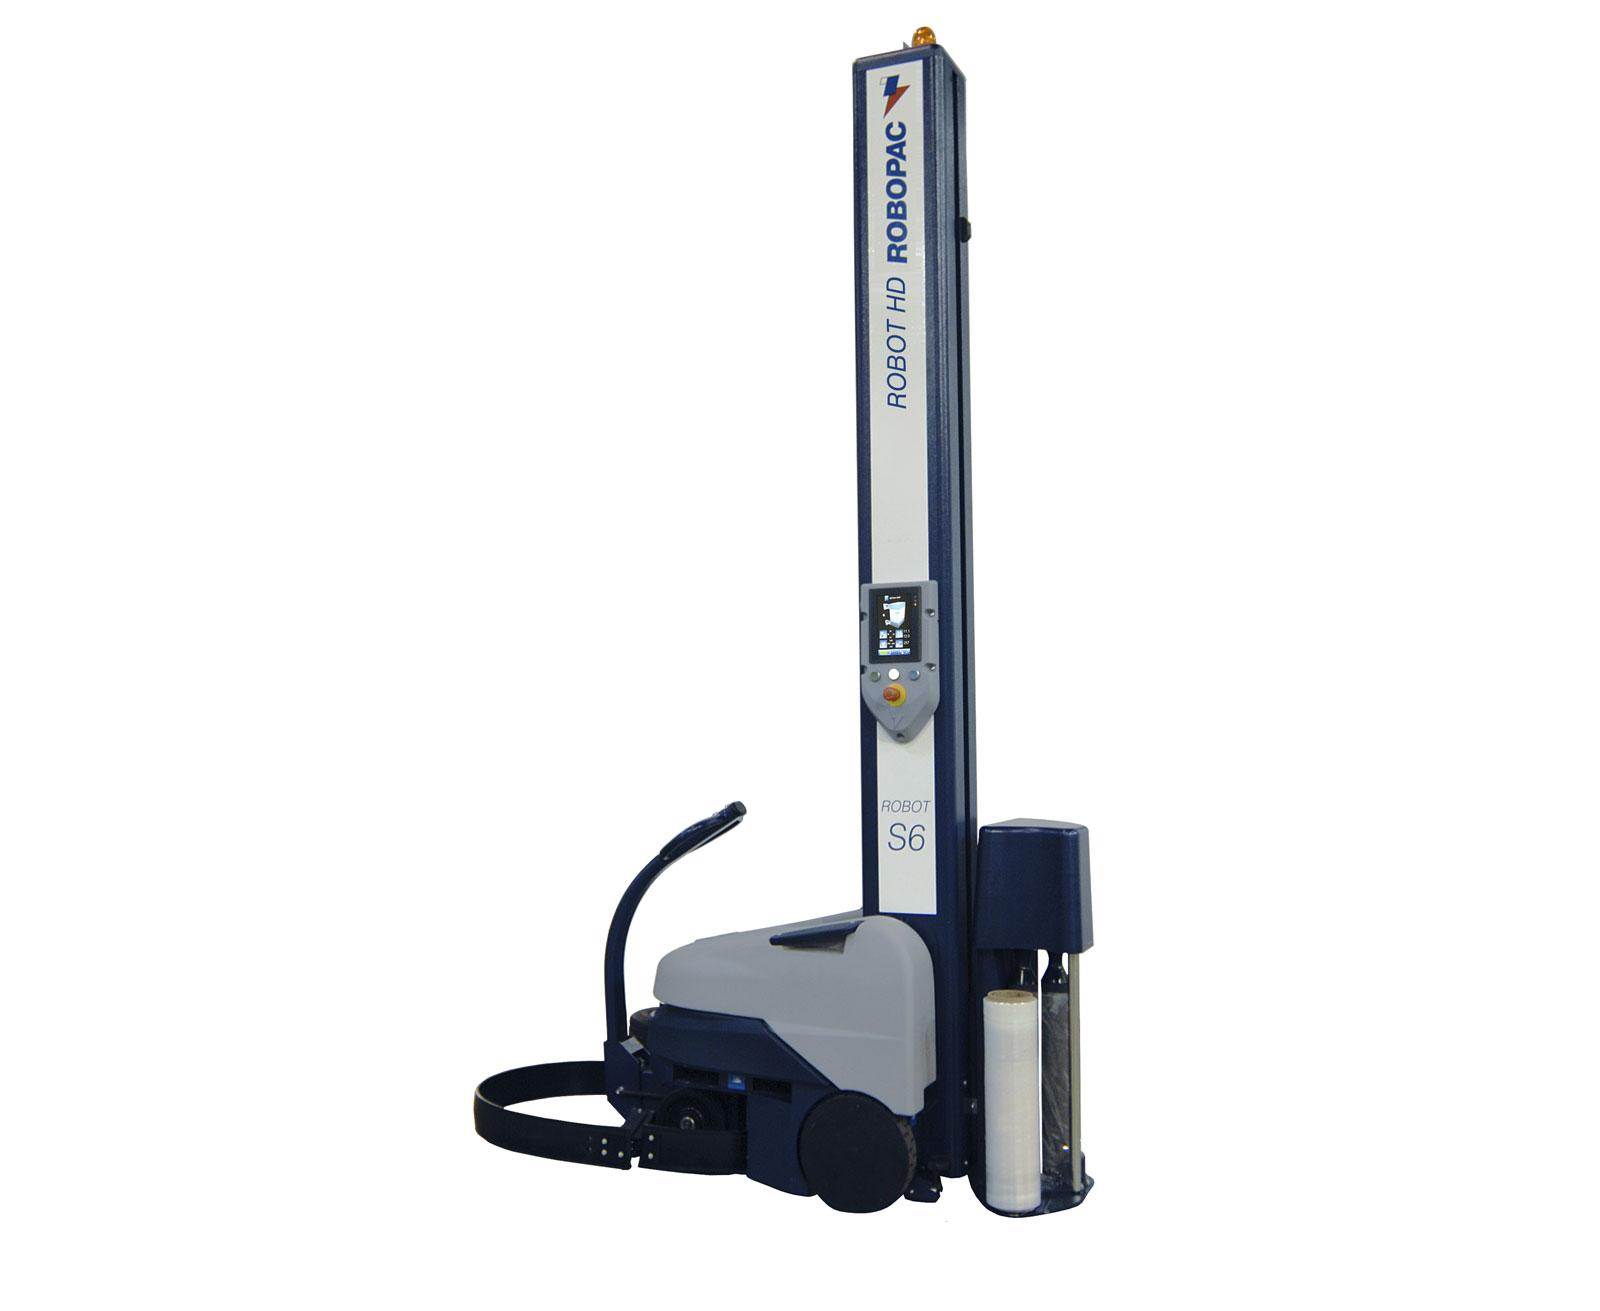 A ROBOPAC stretch film machine